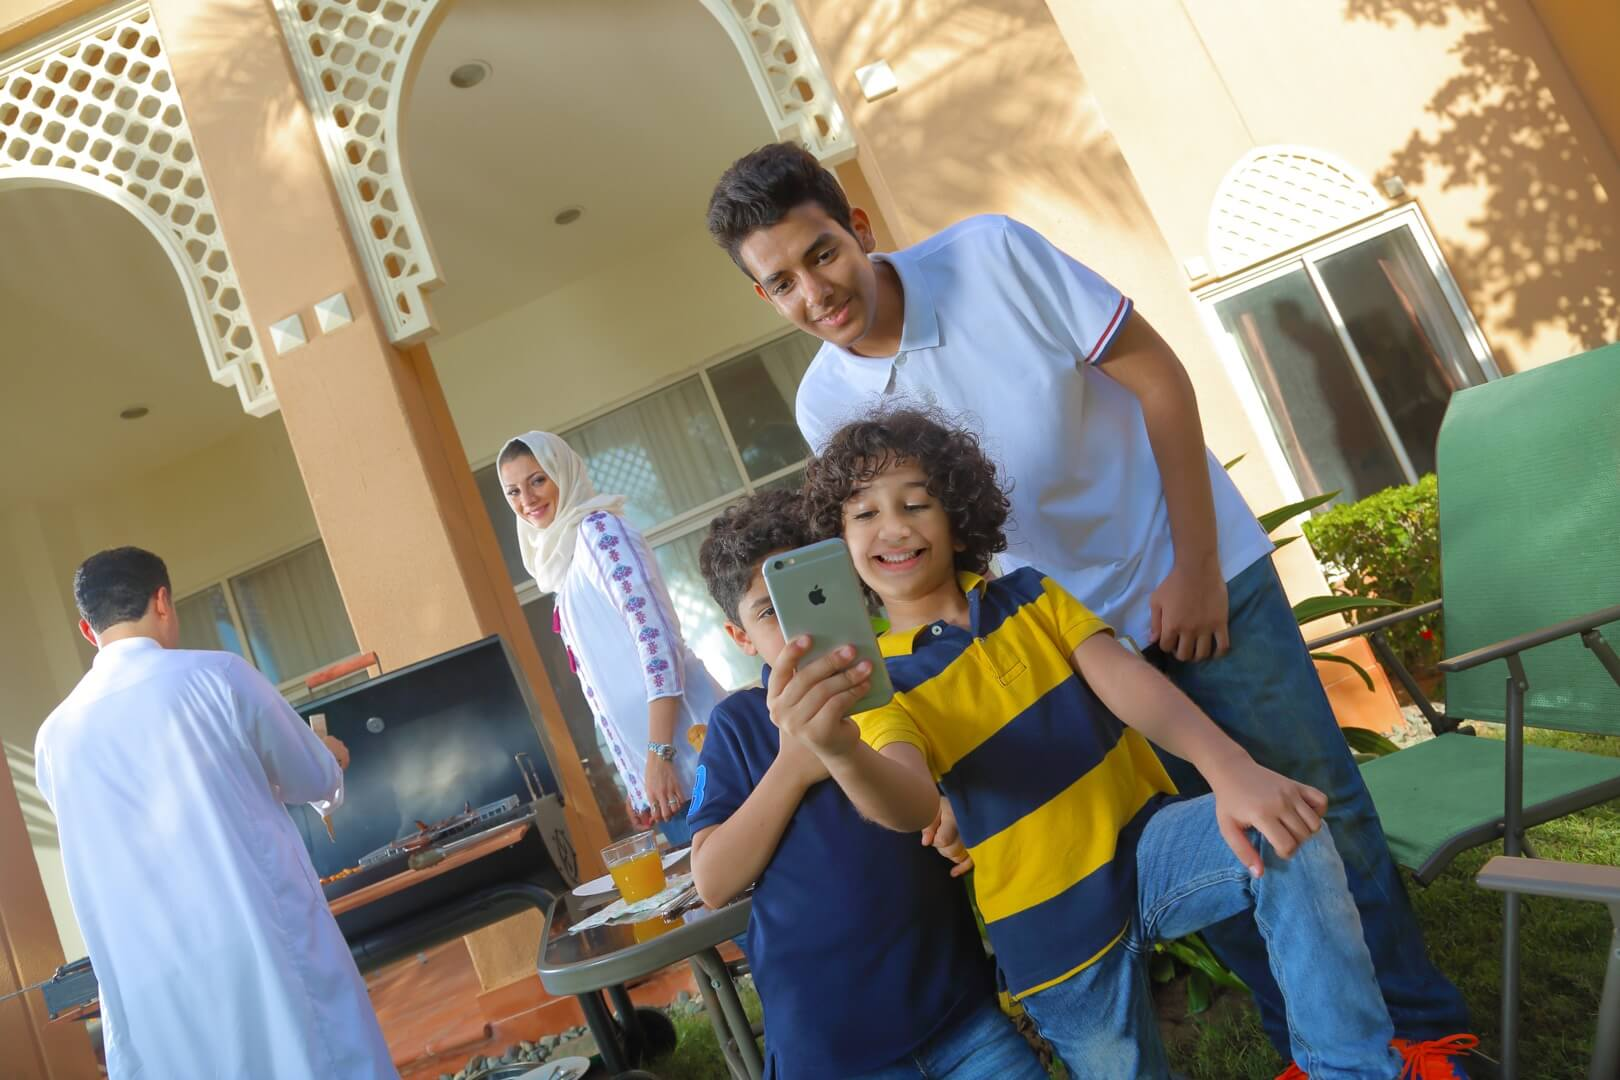 تجمع عائلي بفيلا التالة جاردن  - مدينة الملك عبد الله الاقتصادية